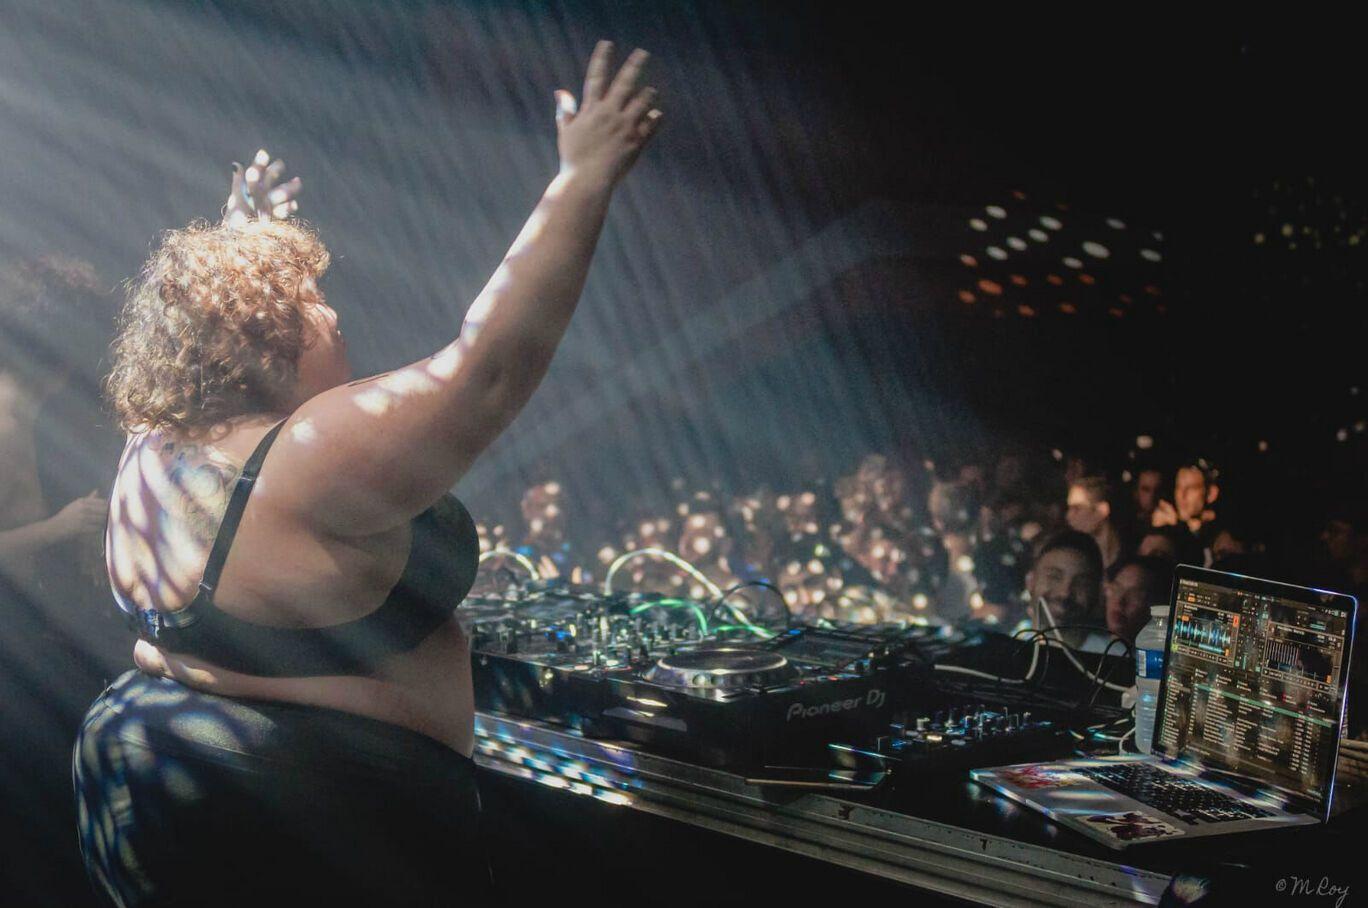 Barbara Butch devant ses platines dans une salle avec foule, levant les bras et en soutien george noir